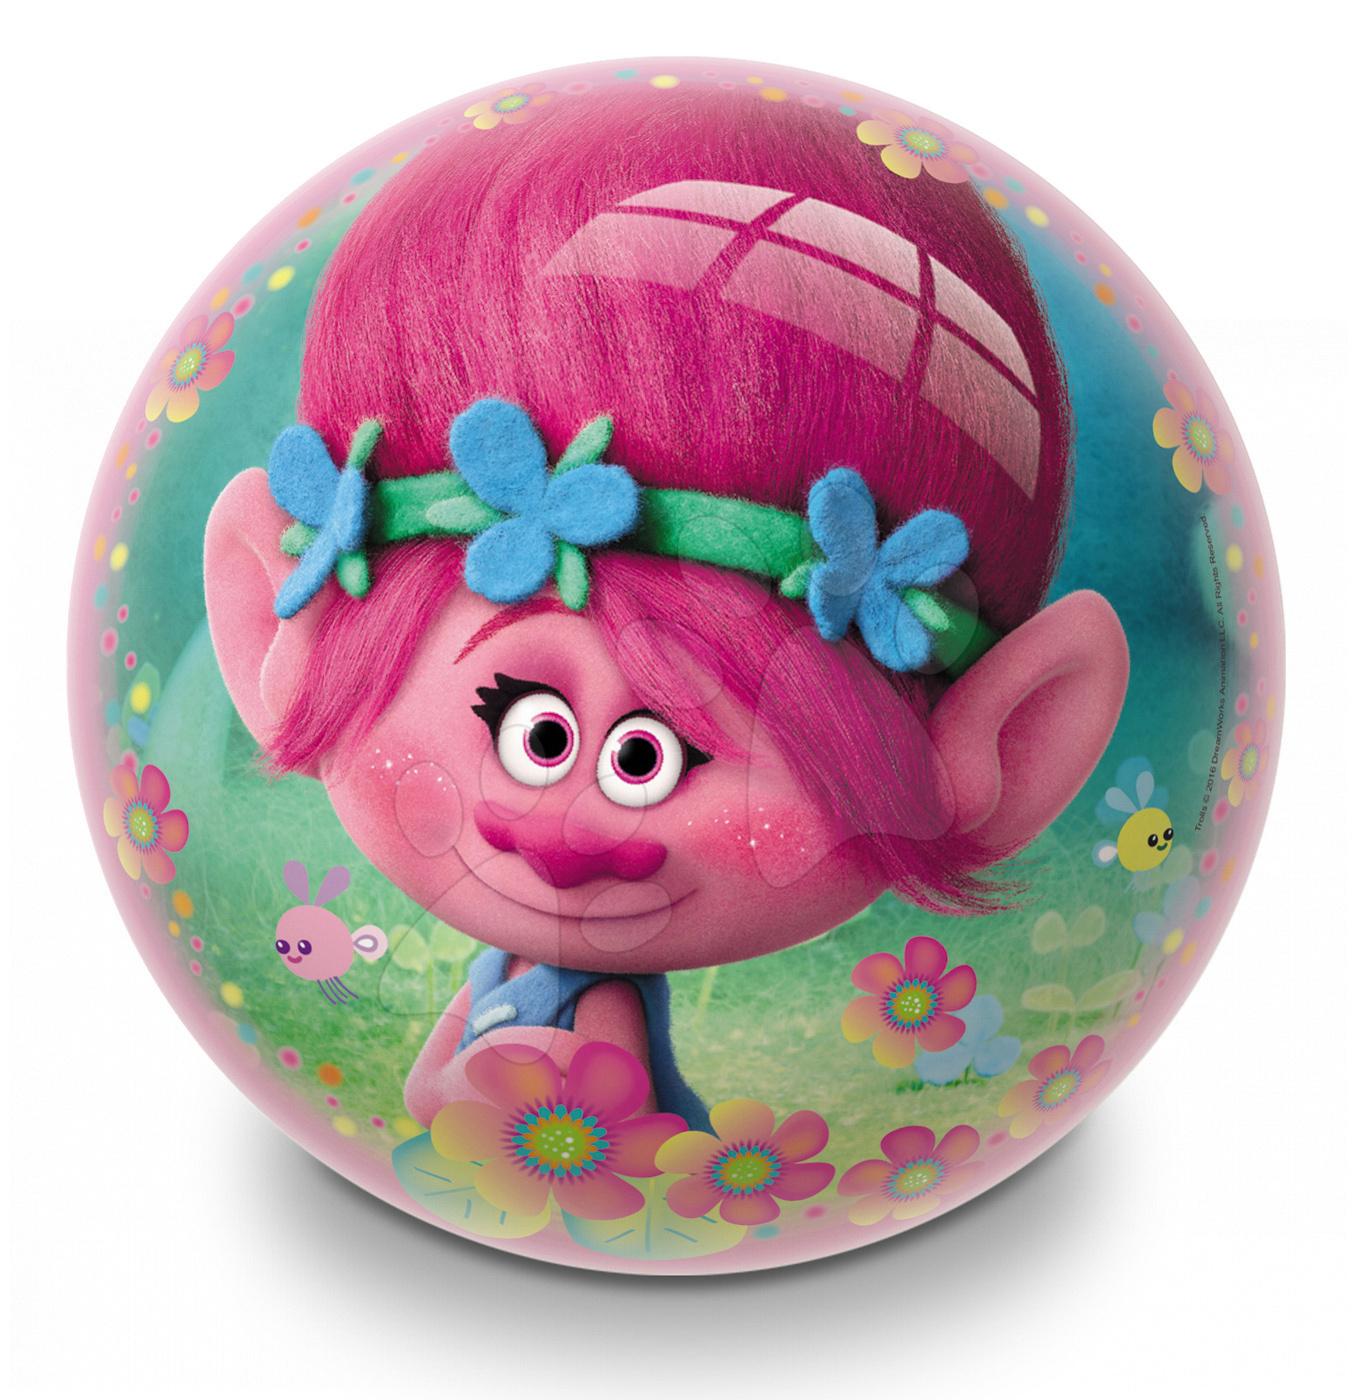 Pohádkový míč Trolls Poppy Mondo pryžový 23 cm